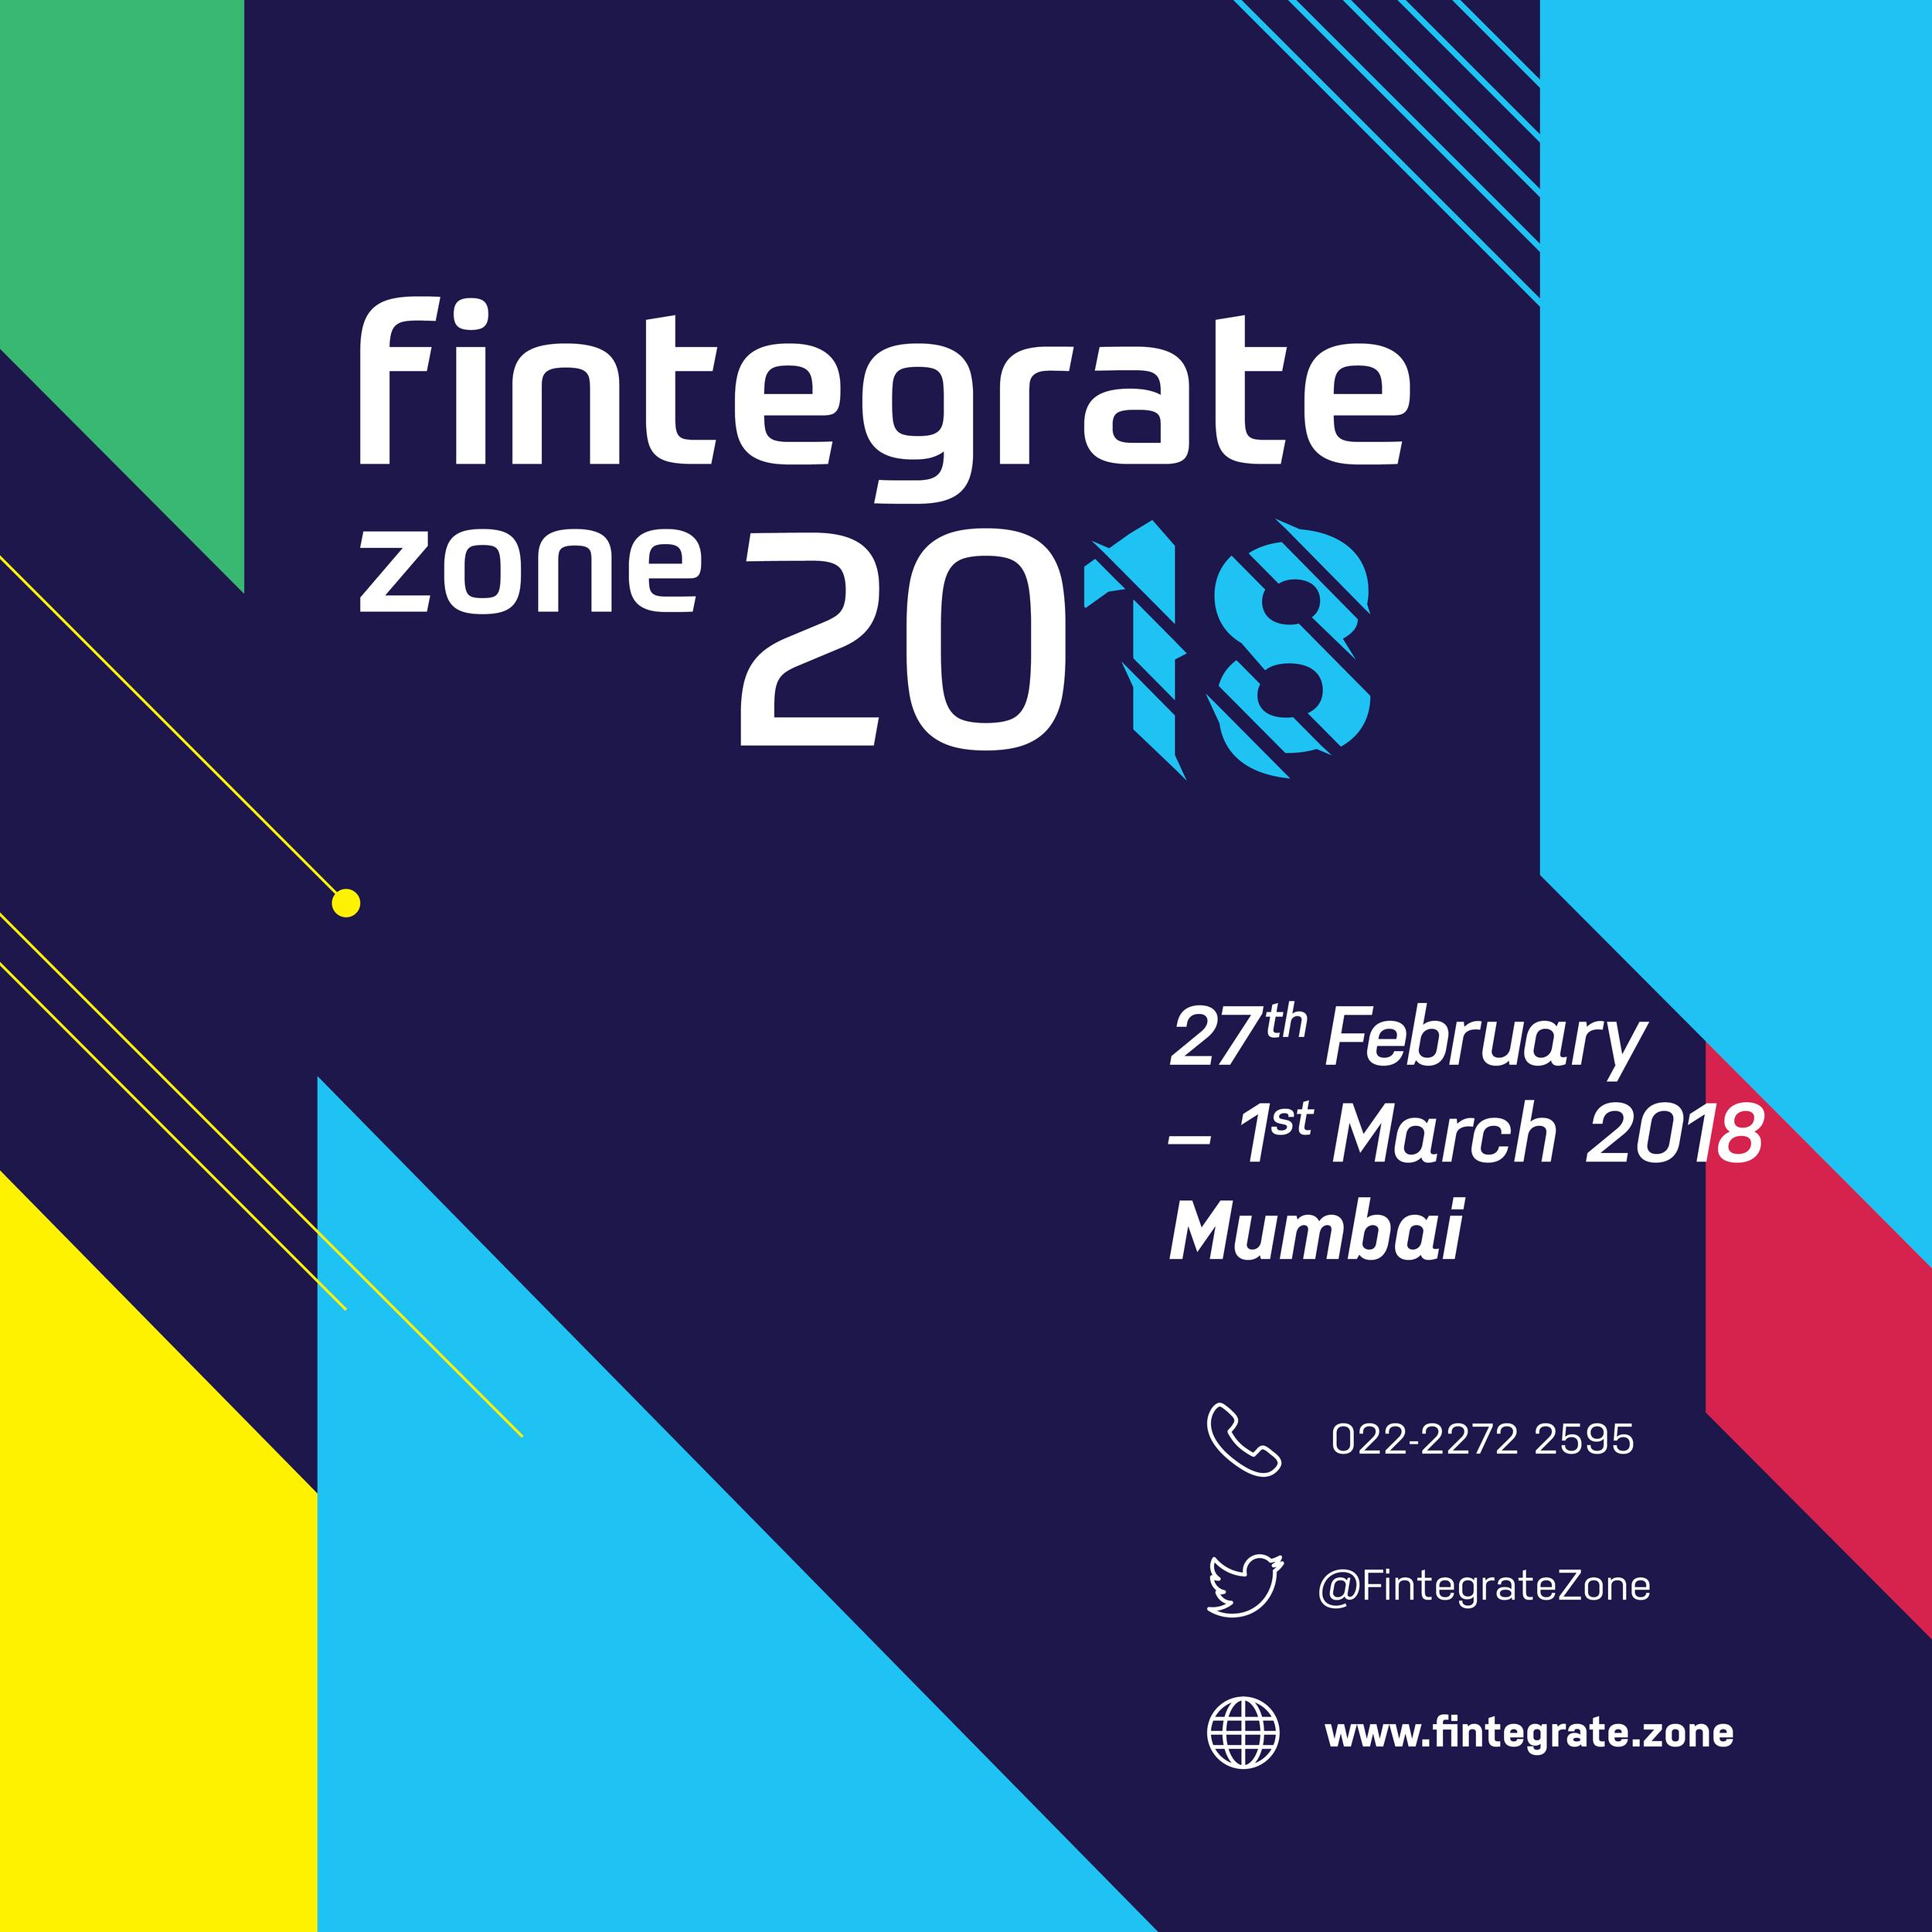 Fintegrate Zone Mumbai